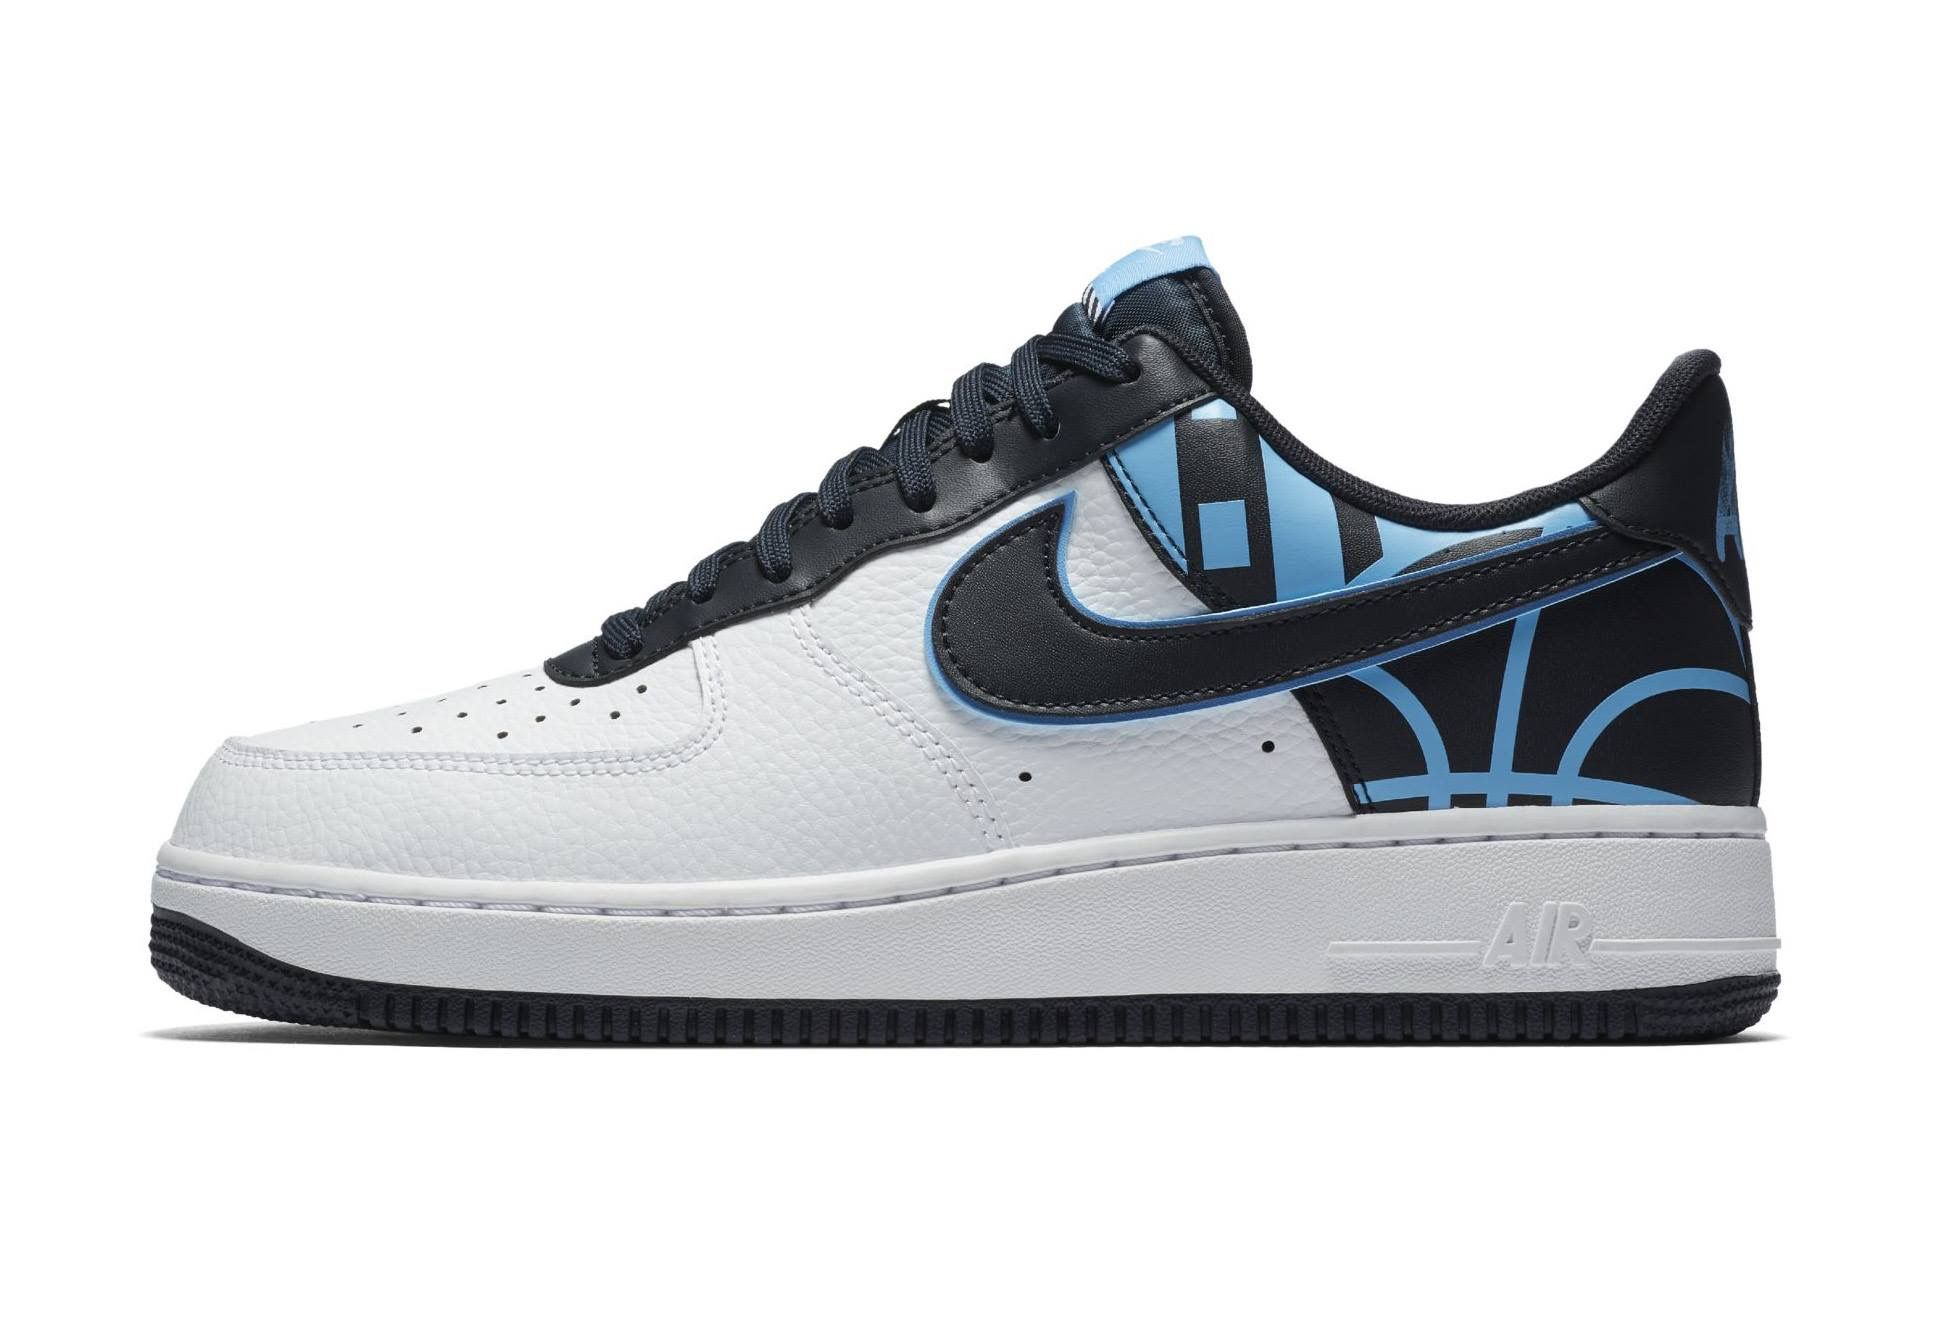 huge selection of 397b1 d2978 Nike Air Force Ones, Air Force 1, Nike Af1, Drip Drip, Sneakers